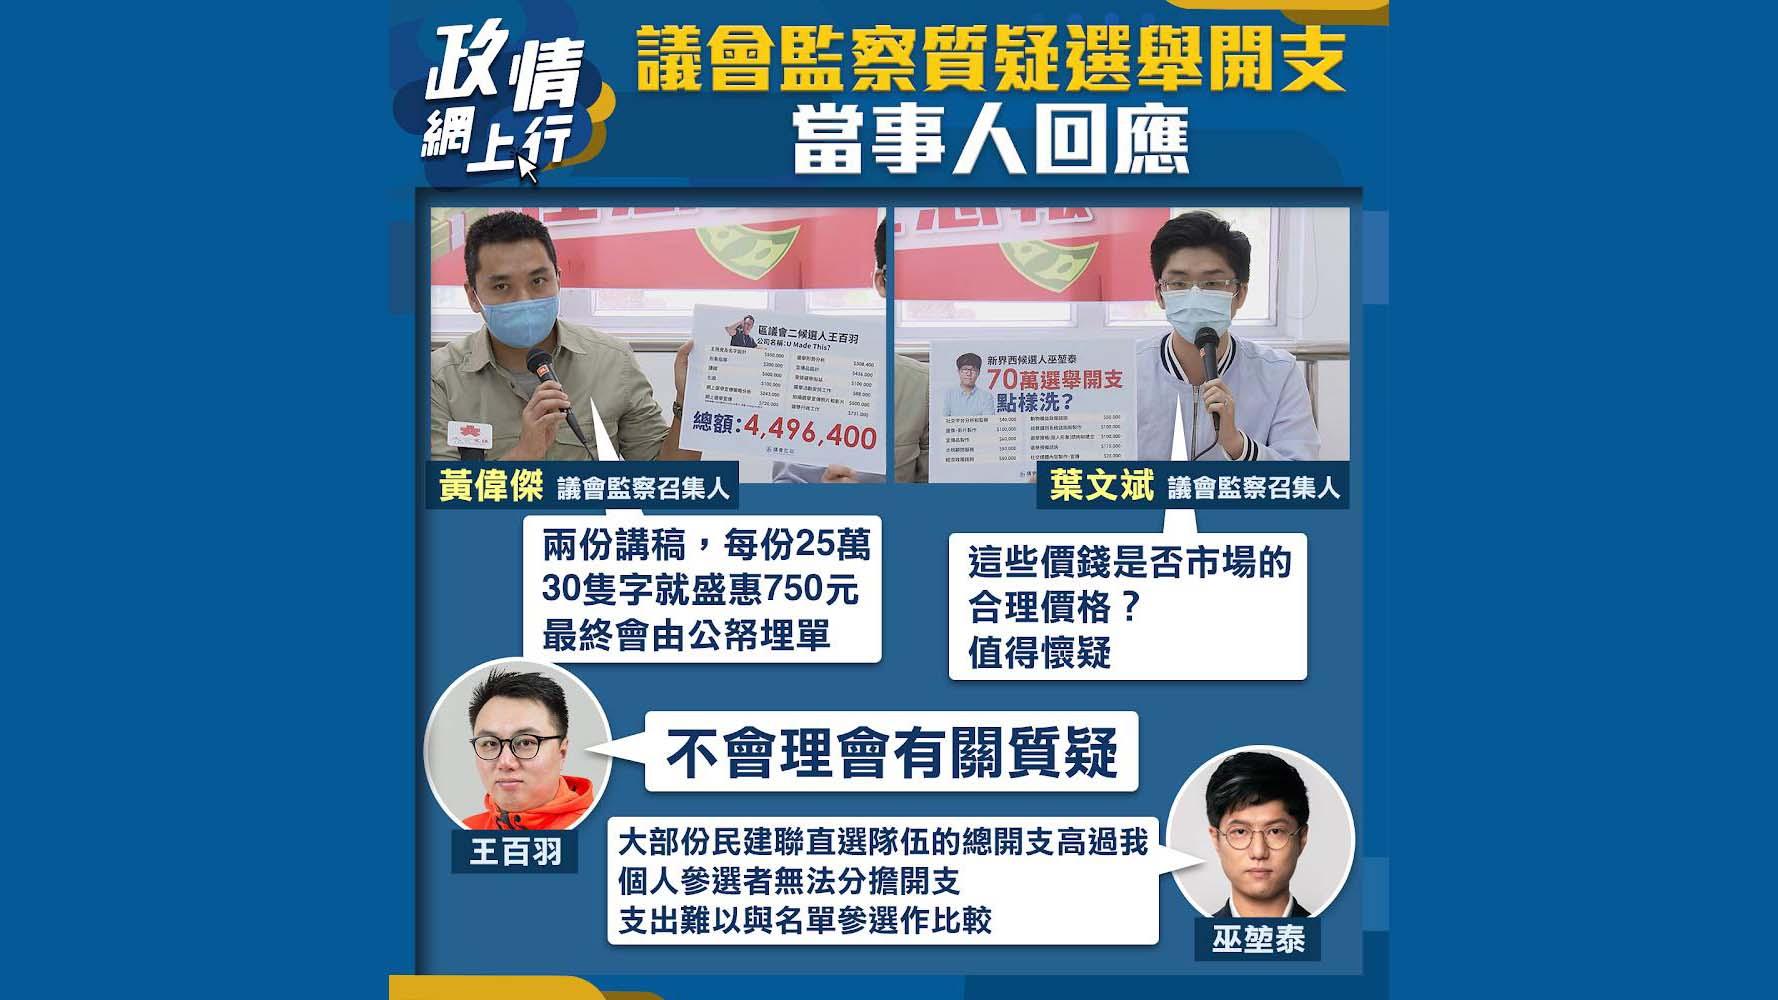 【政情網上行】議會監察質疑選舉開支 當事人回應